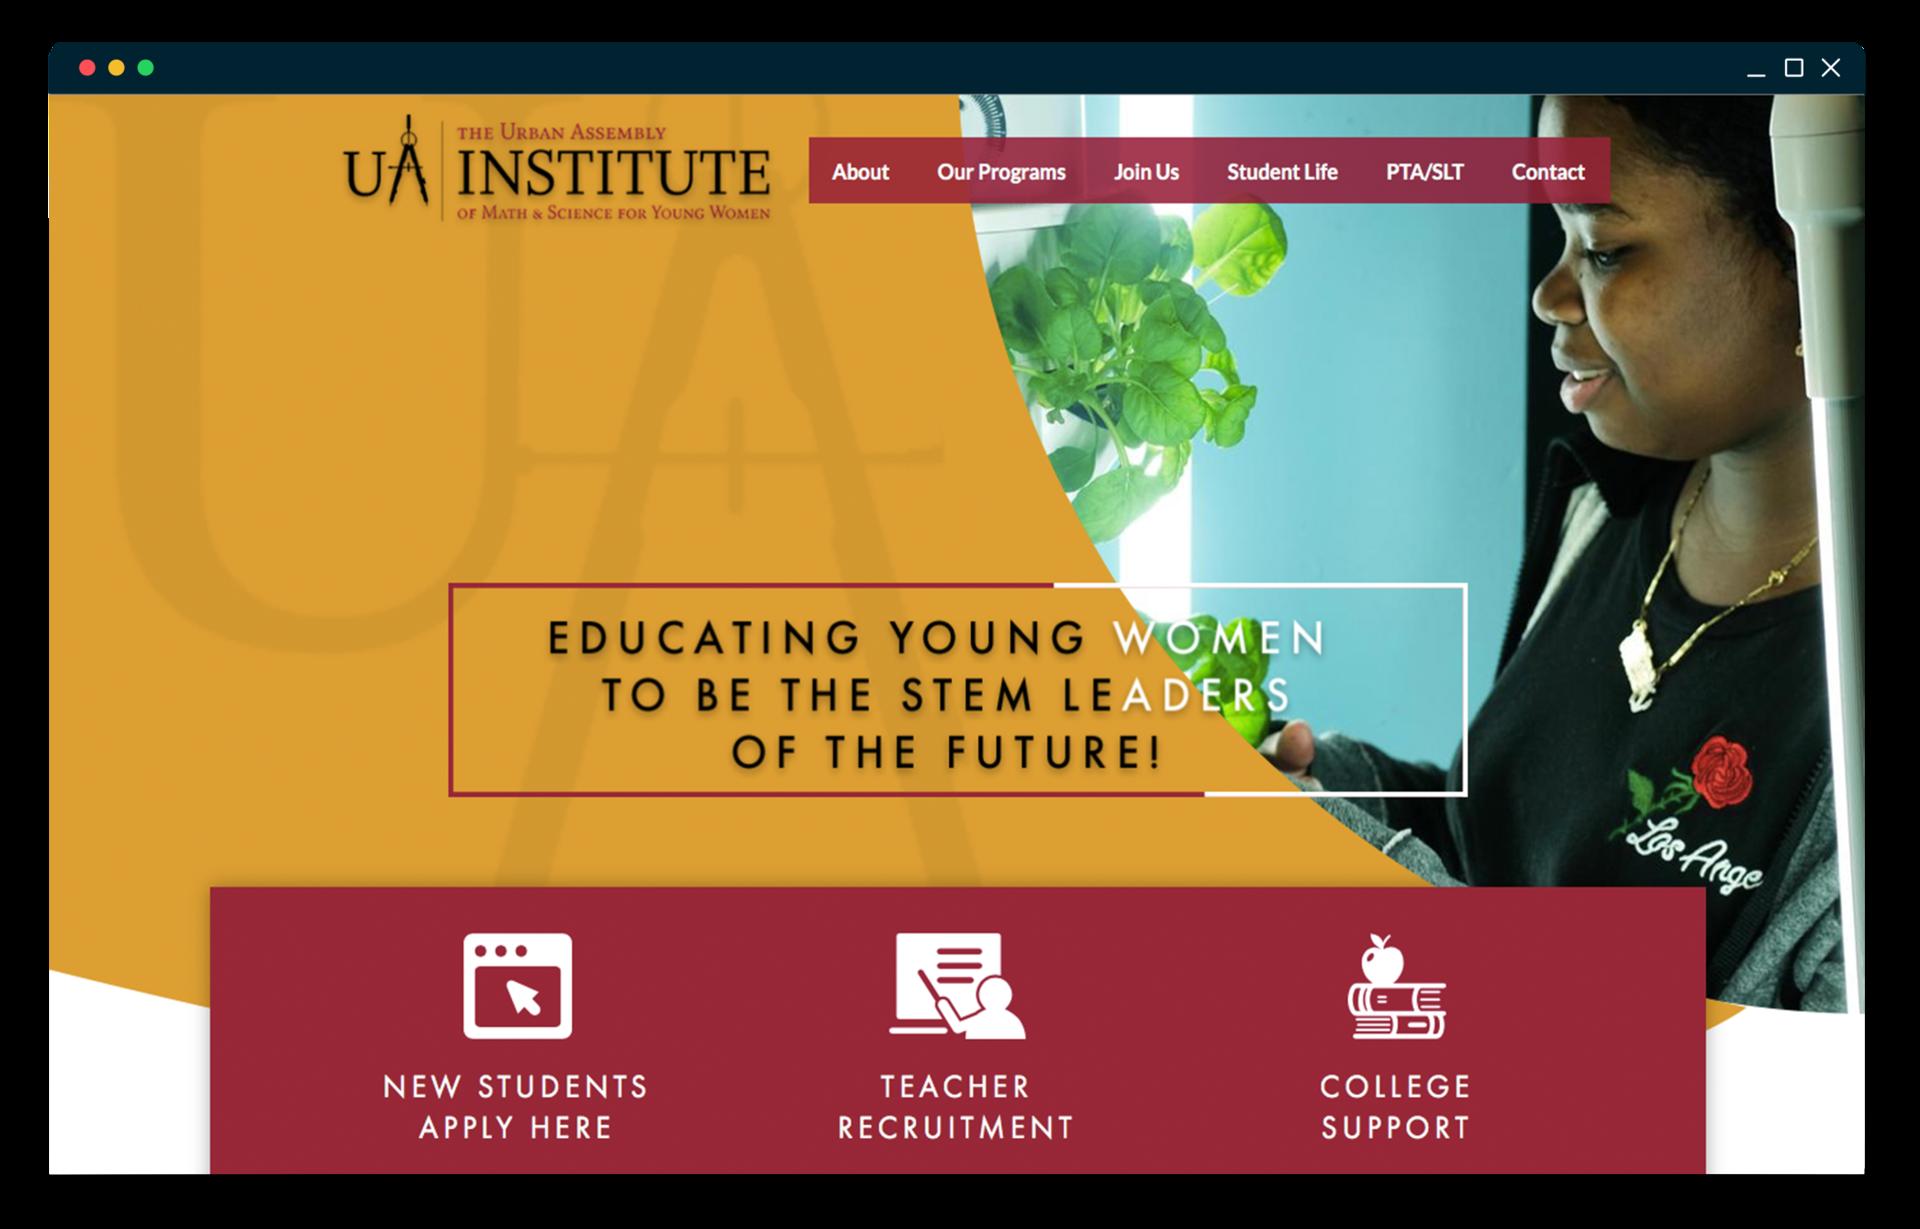 UAI homepage screenshot